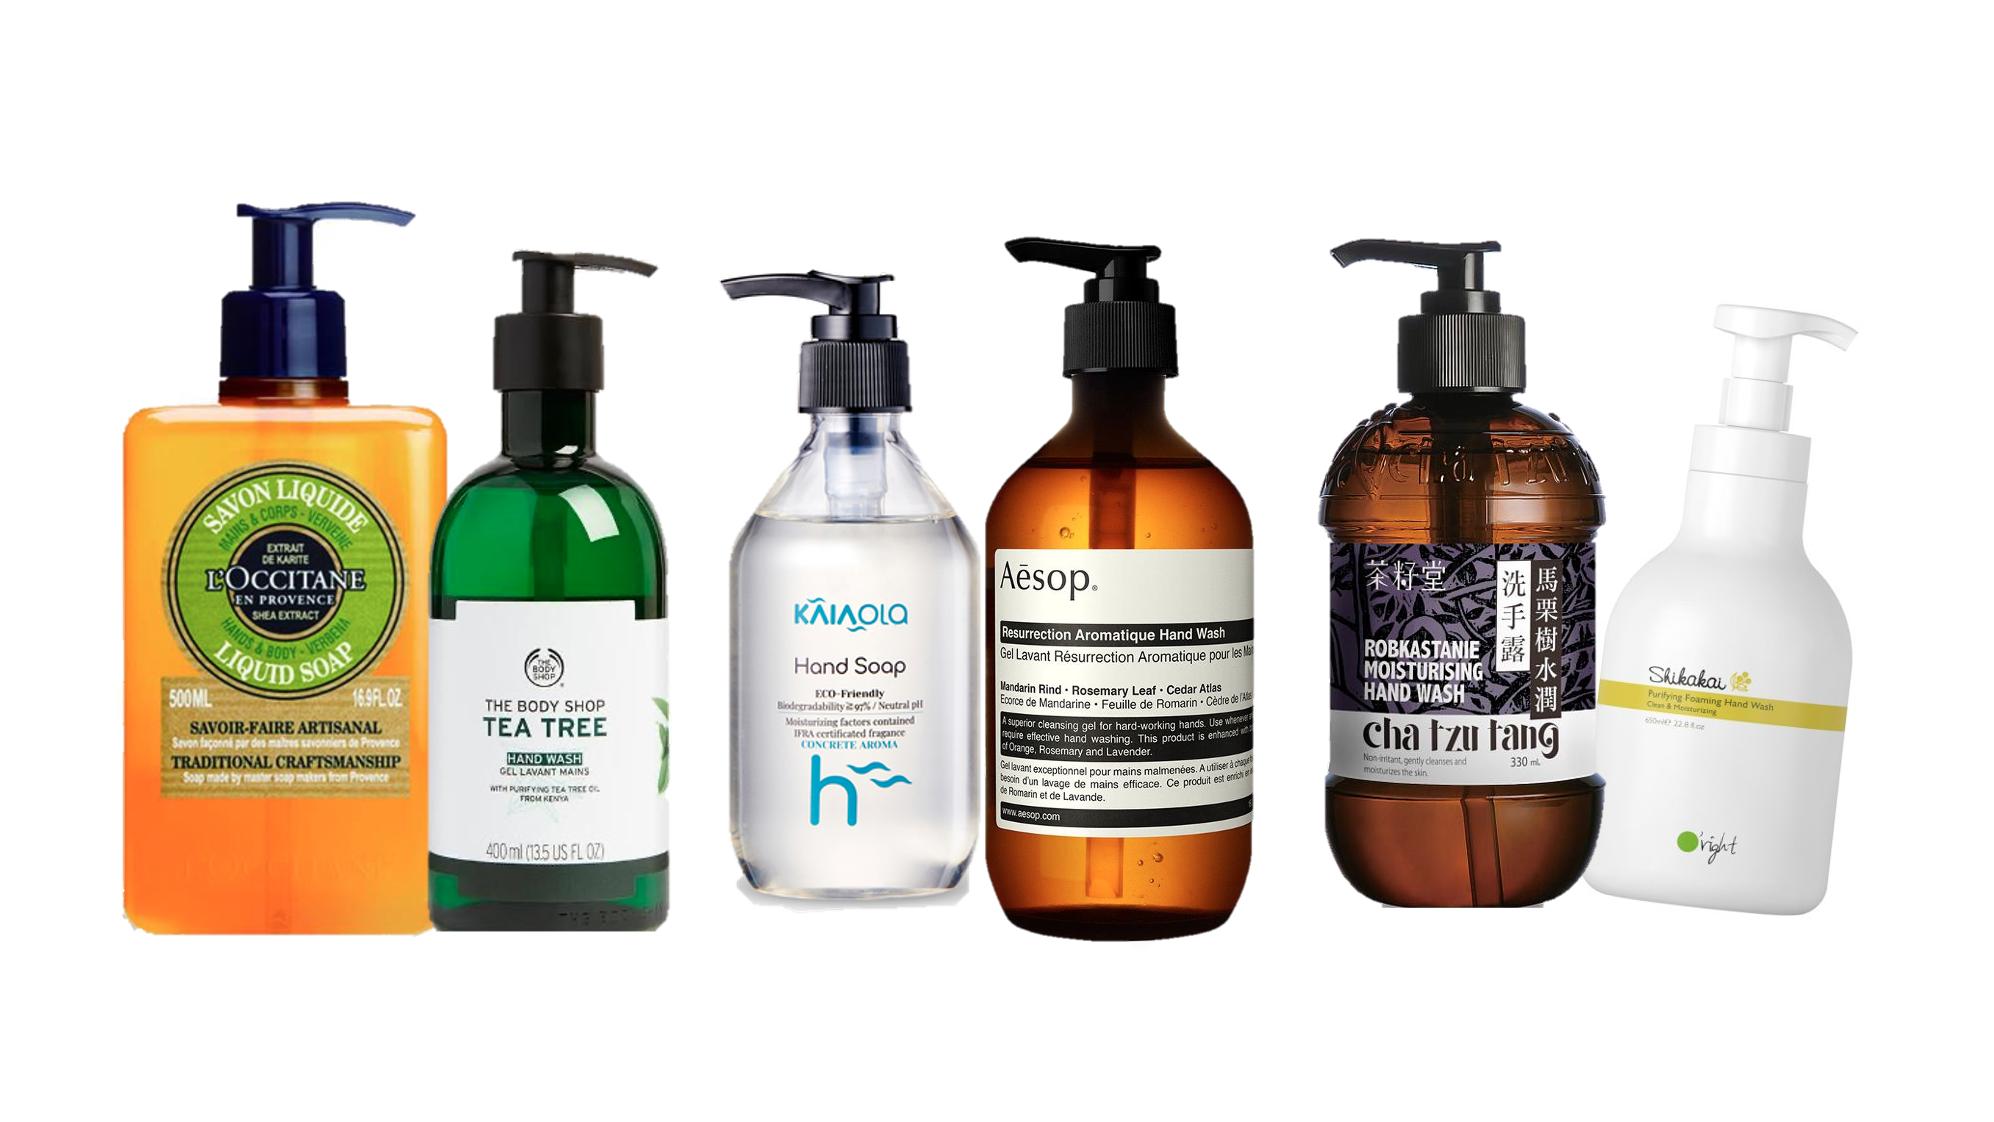 把洗手變得很有儀式感!這六款帶有療癒清新香氛的洗手乳,紓解一下妳的防疫緊繃生活~